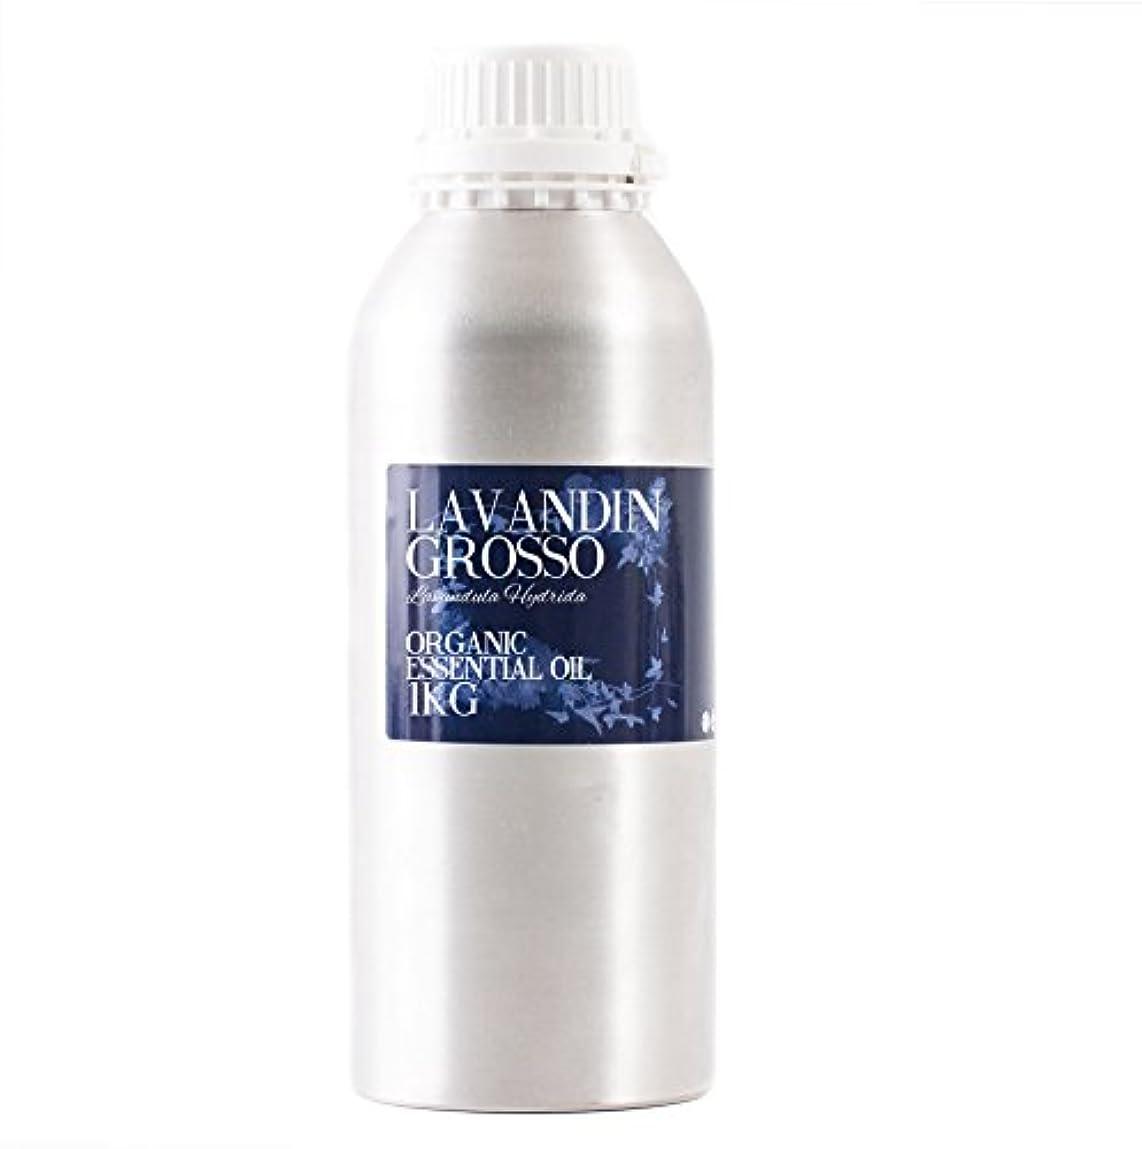 地球エラーメーカーMystic Moments   Lavandin Grosso Organic Essential Oil - 1Kg - 100% Pure